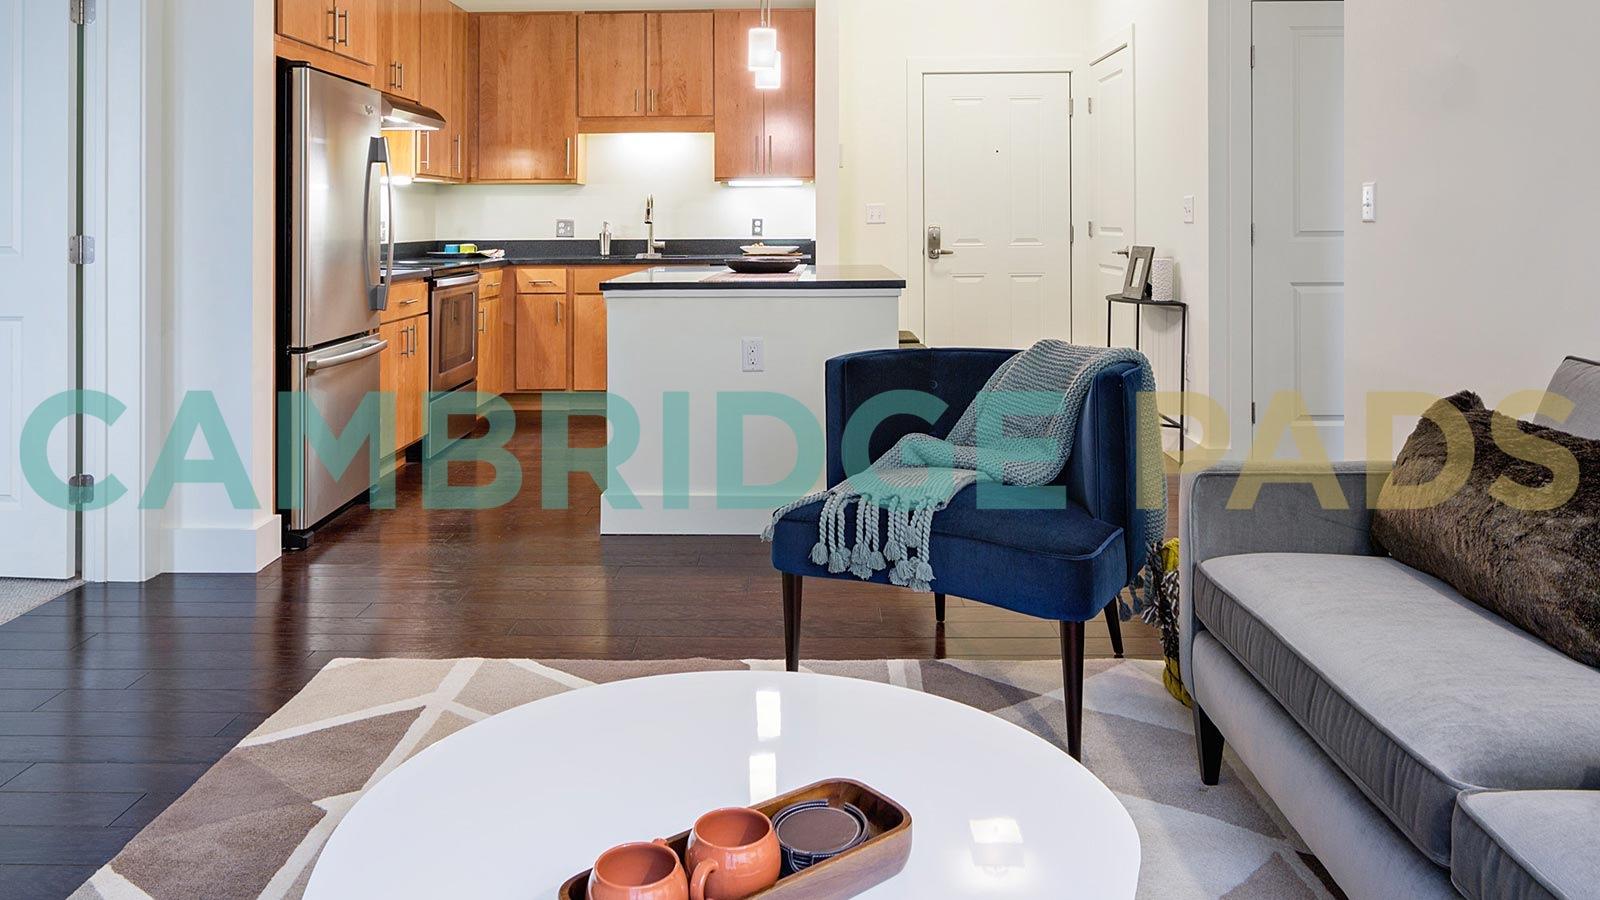 Atmark Cambridge living space